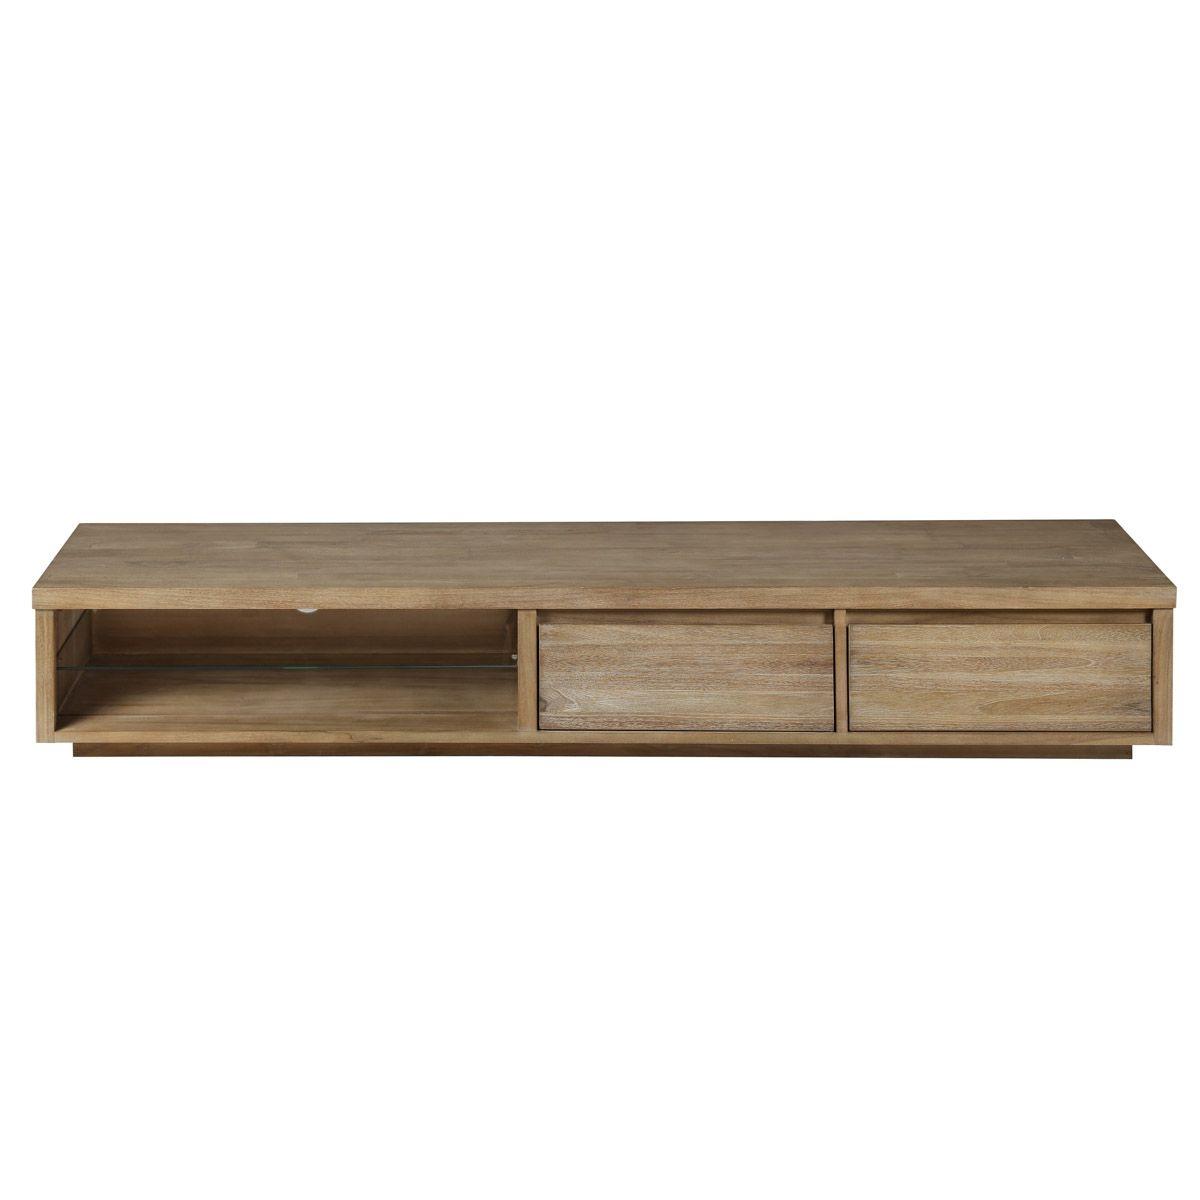 Meuble TV teck lin 180 cm 2 niches 2 tiroirs Cosmopolitan